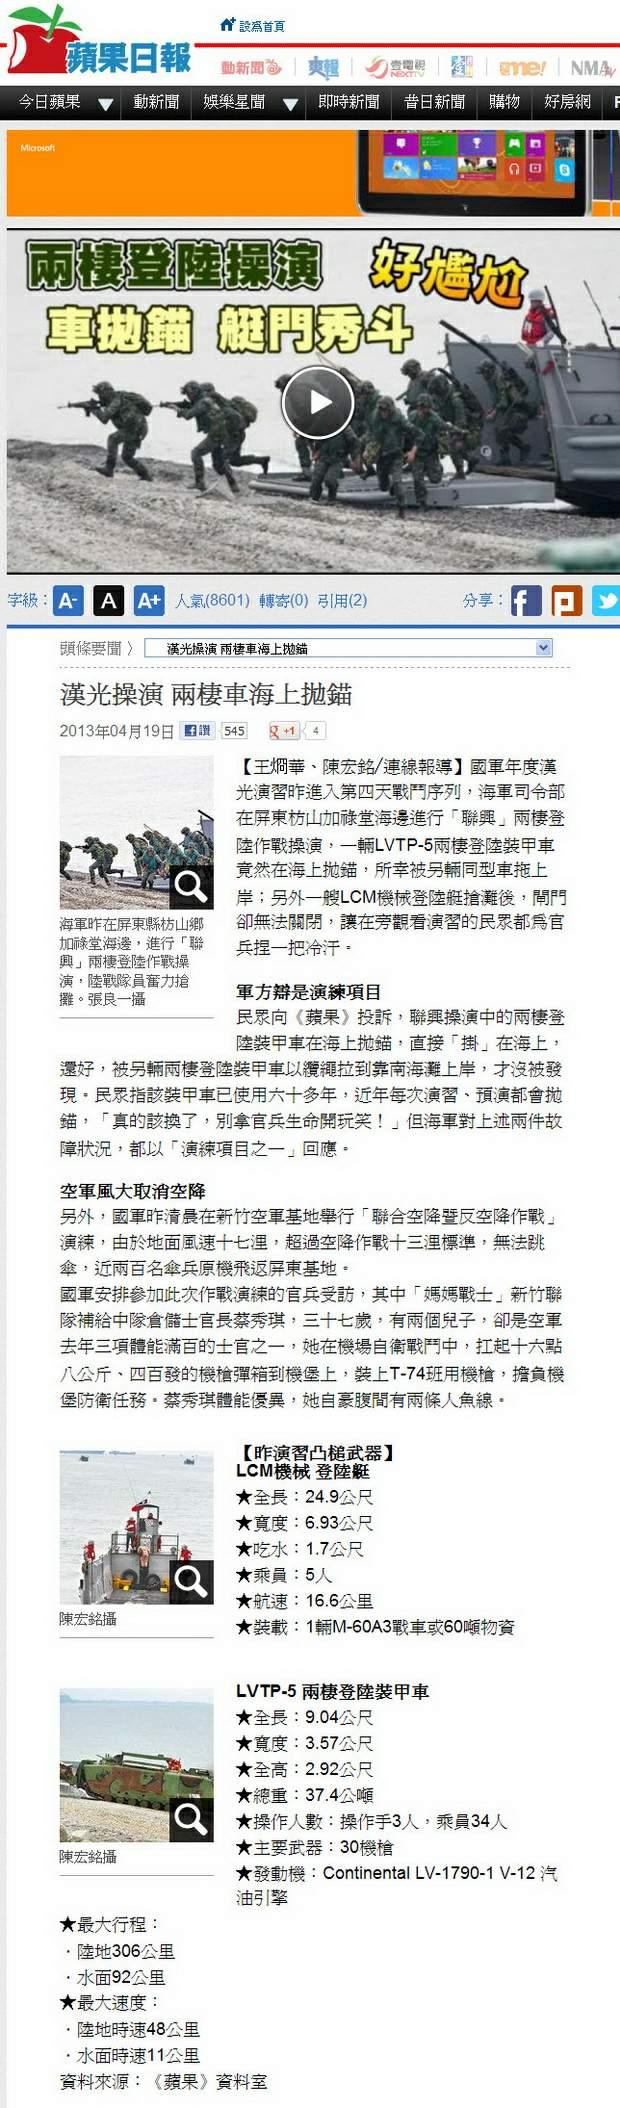 漢光操演 兩棲車海上拋錨-2013.04.19